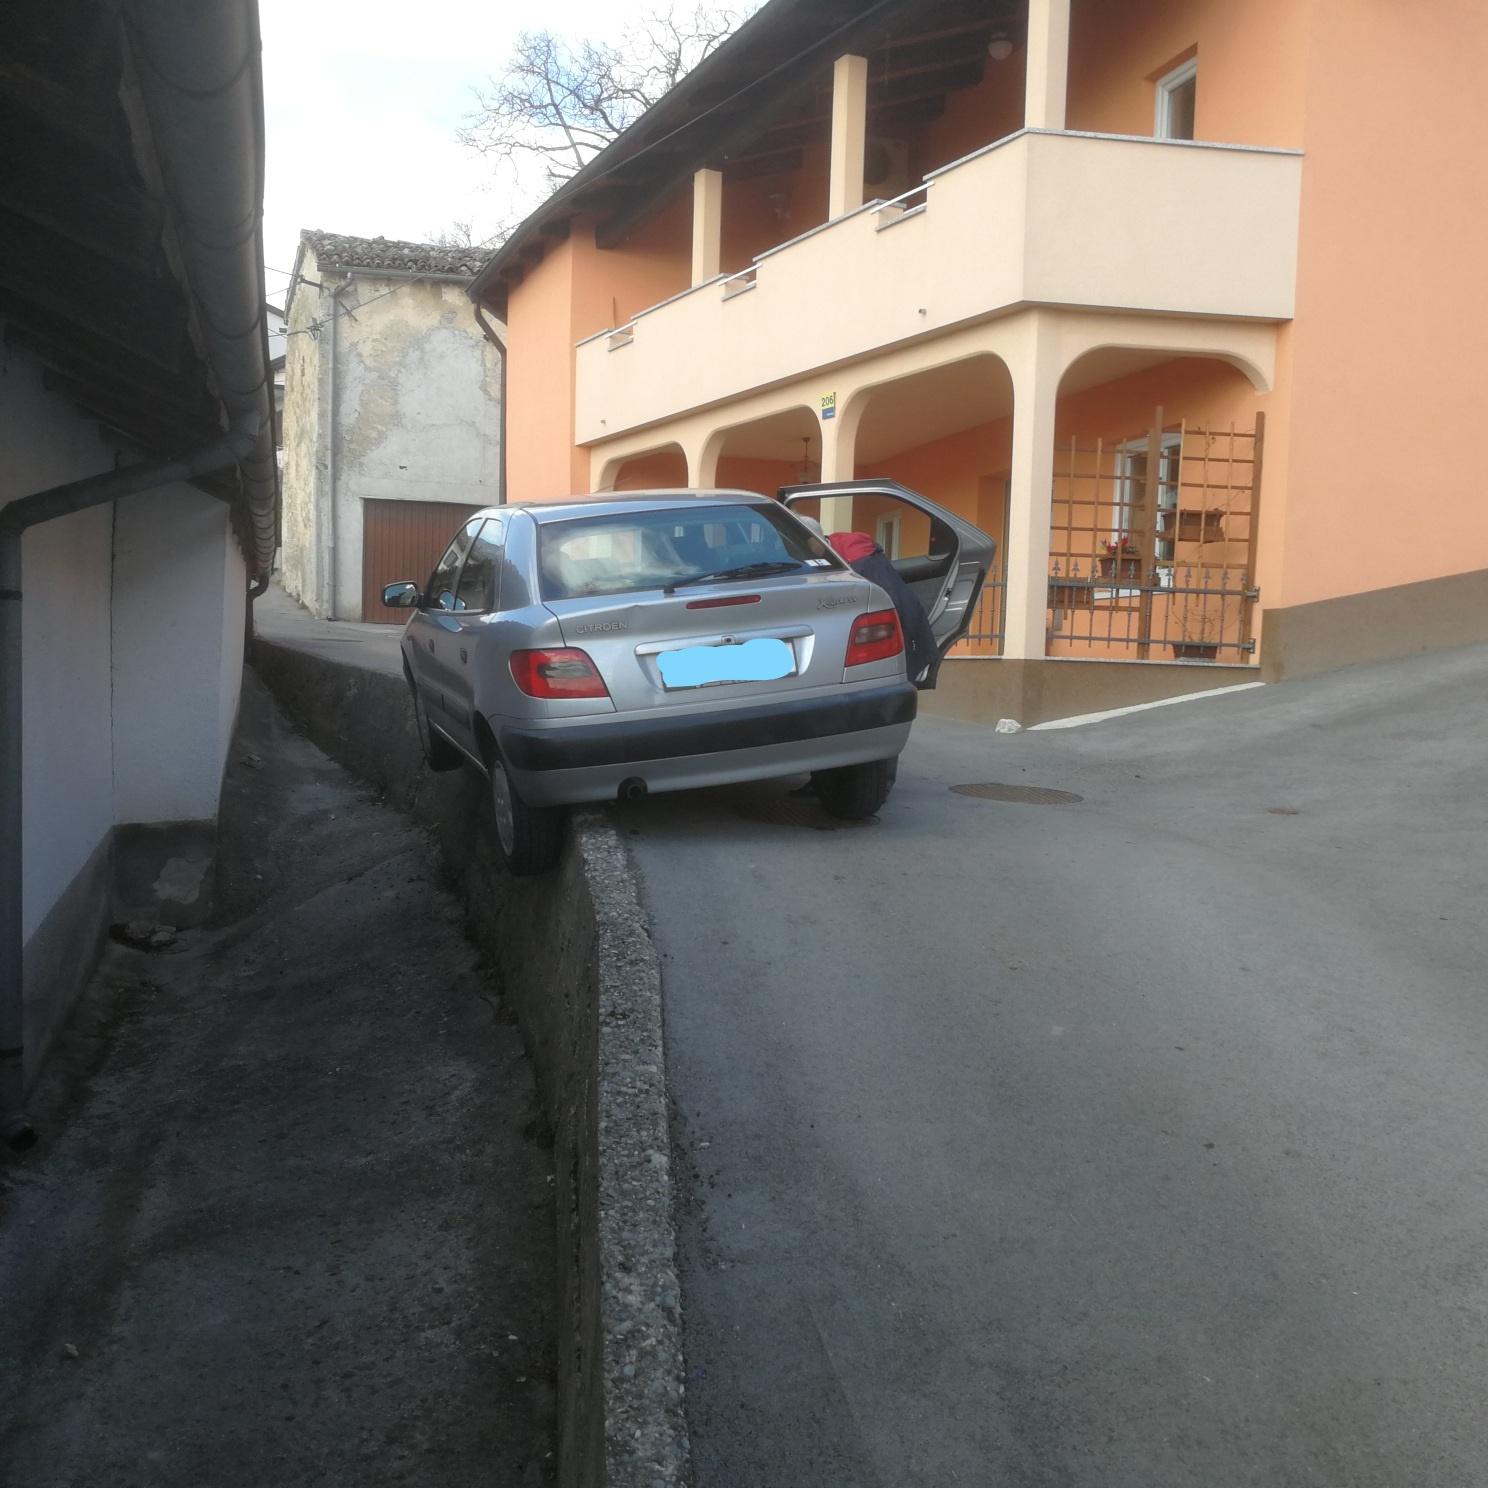 Osebni avtomobil nasedel na zid!